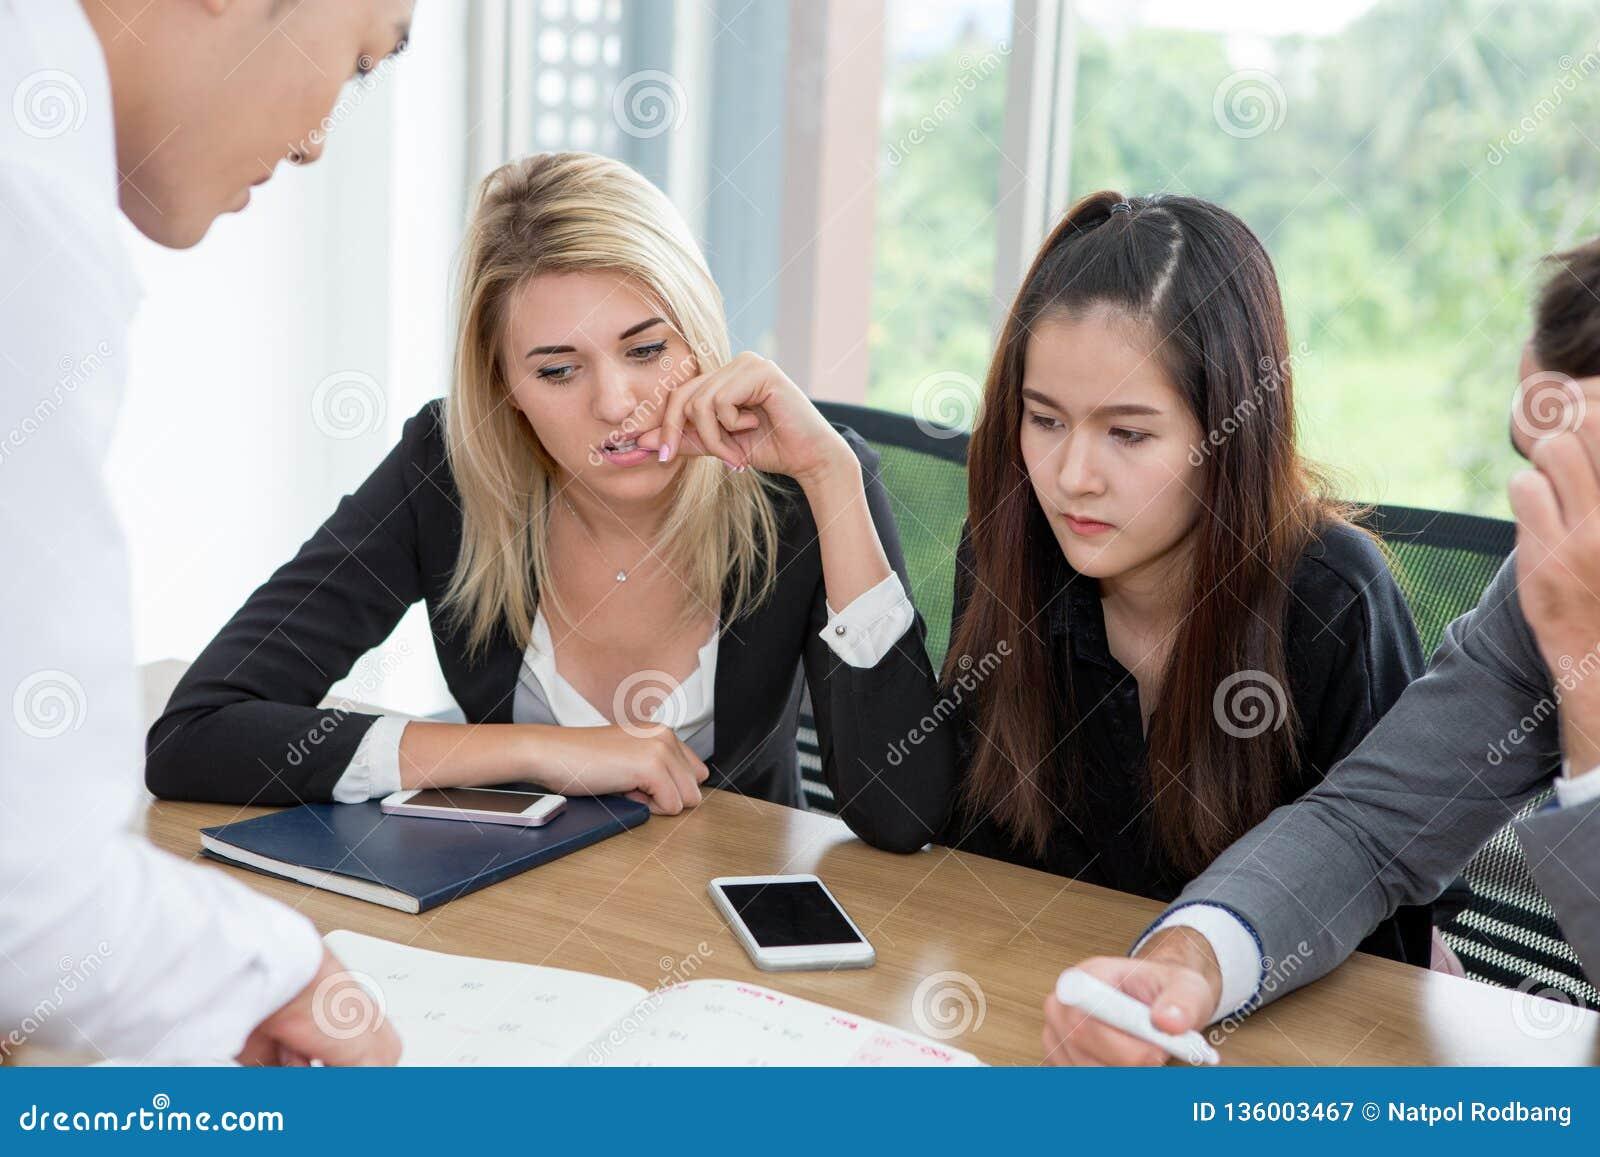 Mulher de negócios comprimida durante uma reunião no escritório forçado mantendo as mãos na cabeça sérias